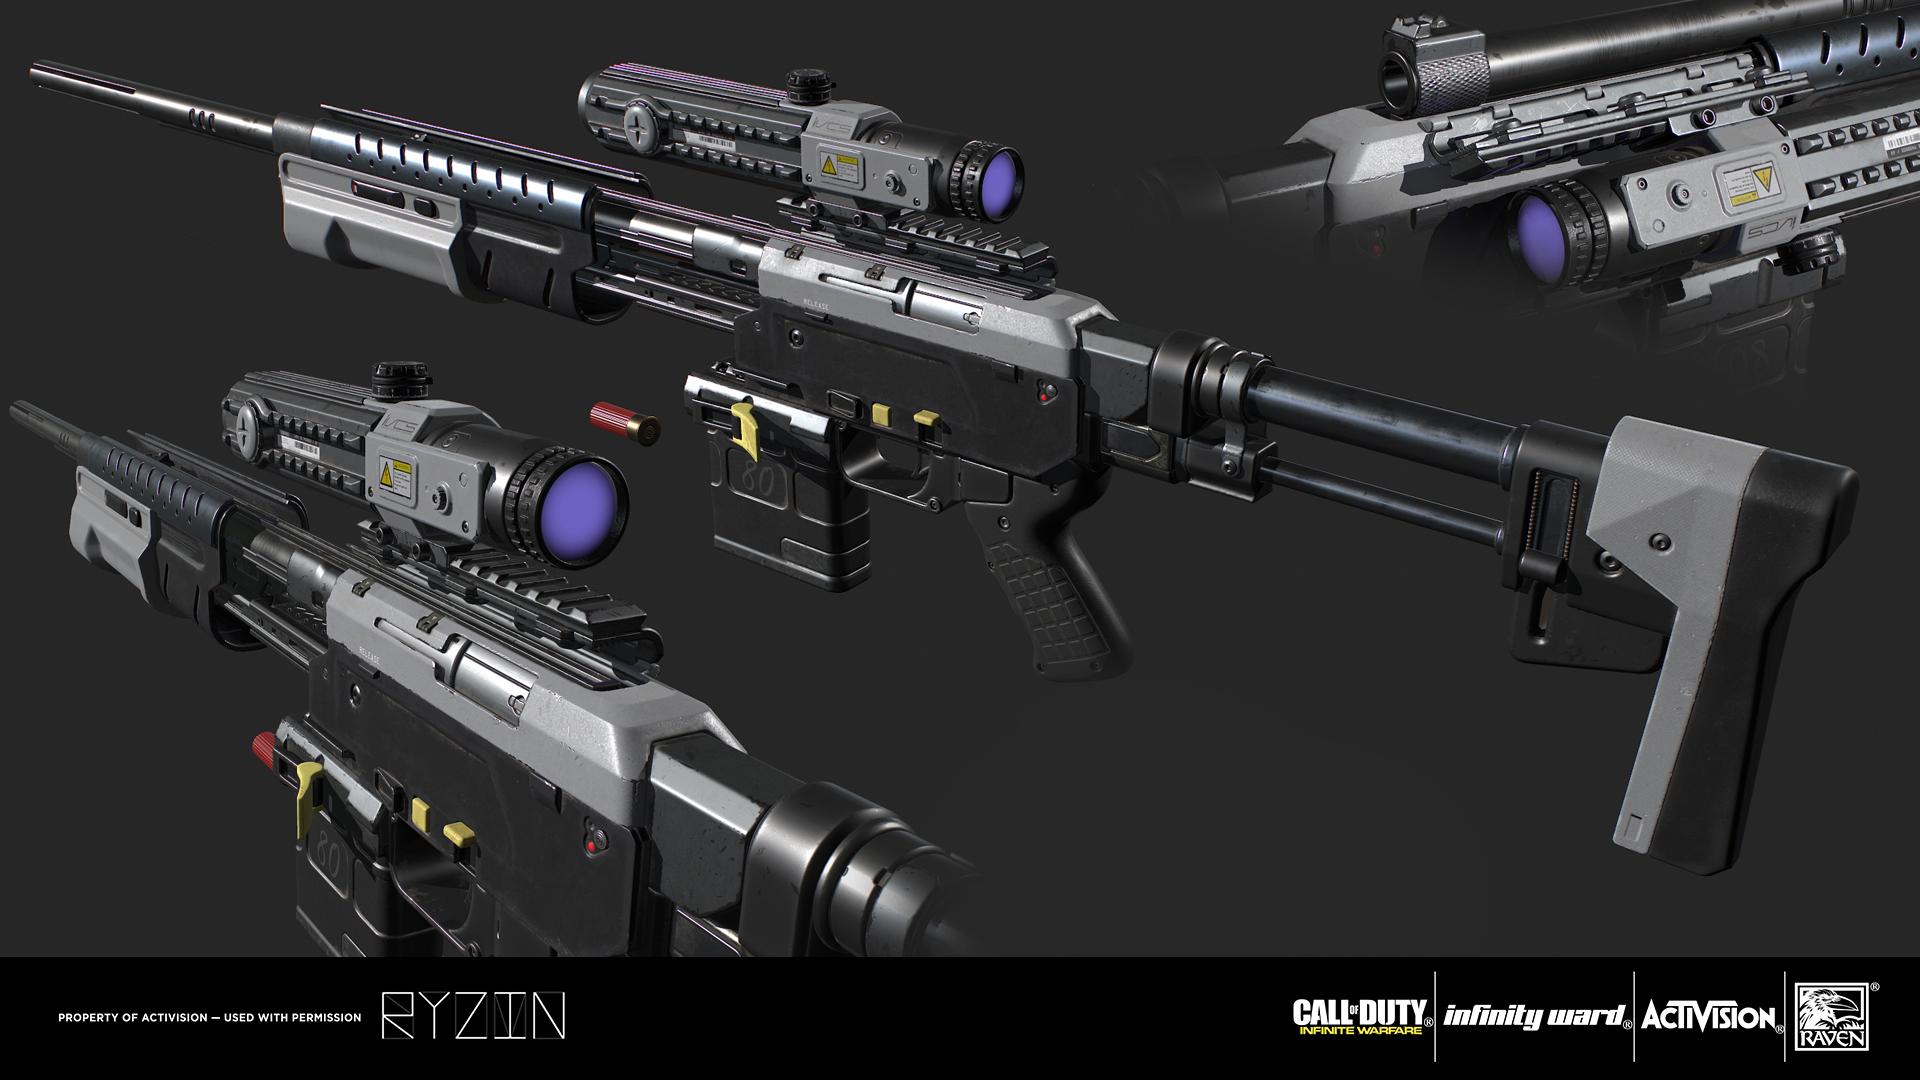 sniper_shot_01.jpg